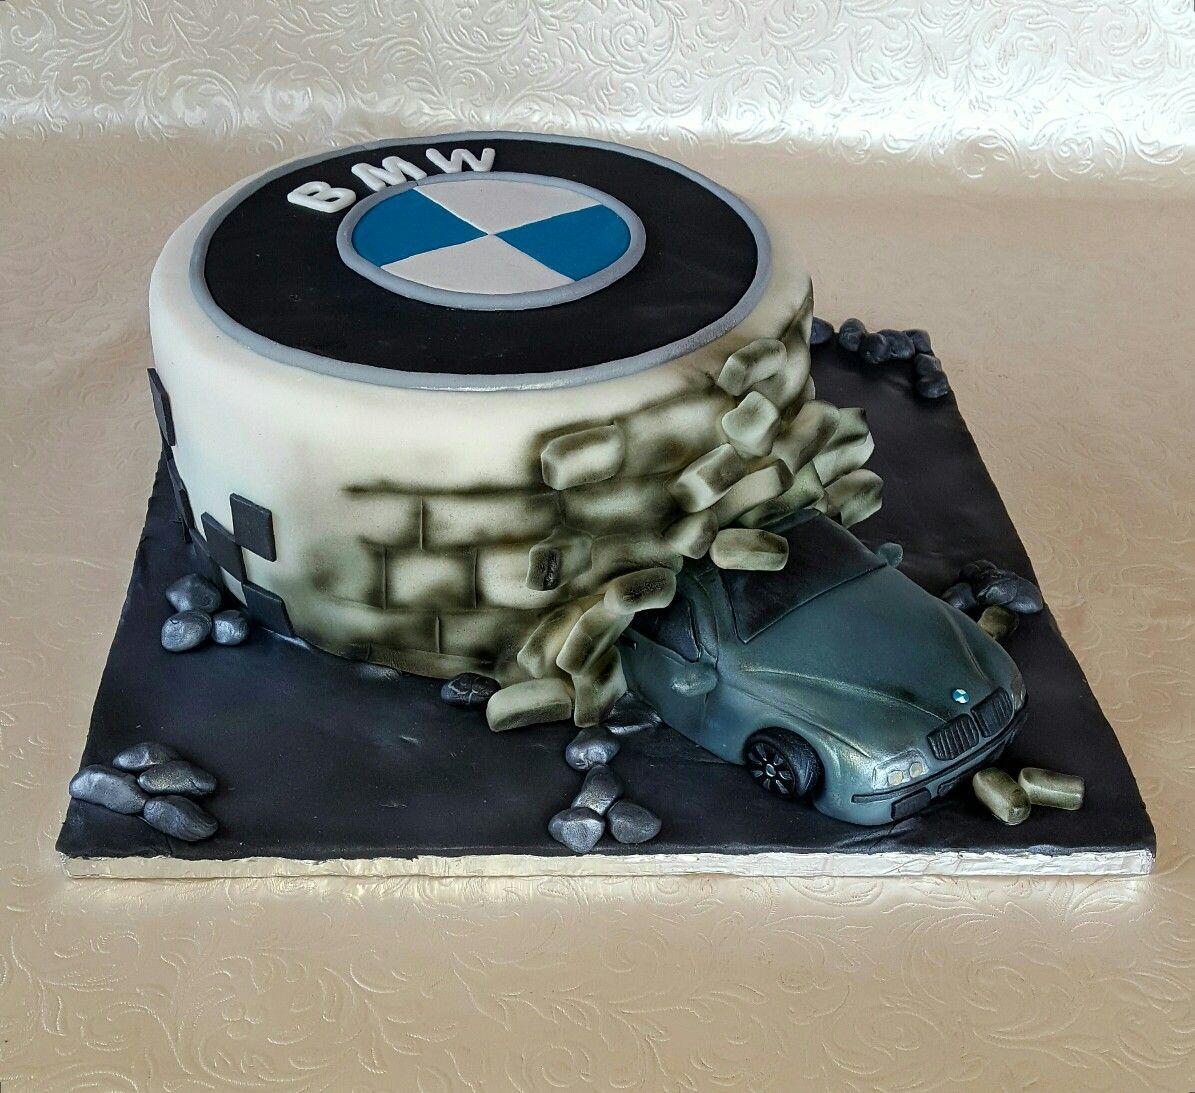 продаже торт в виде мотора автомобиля фото несколько